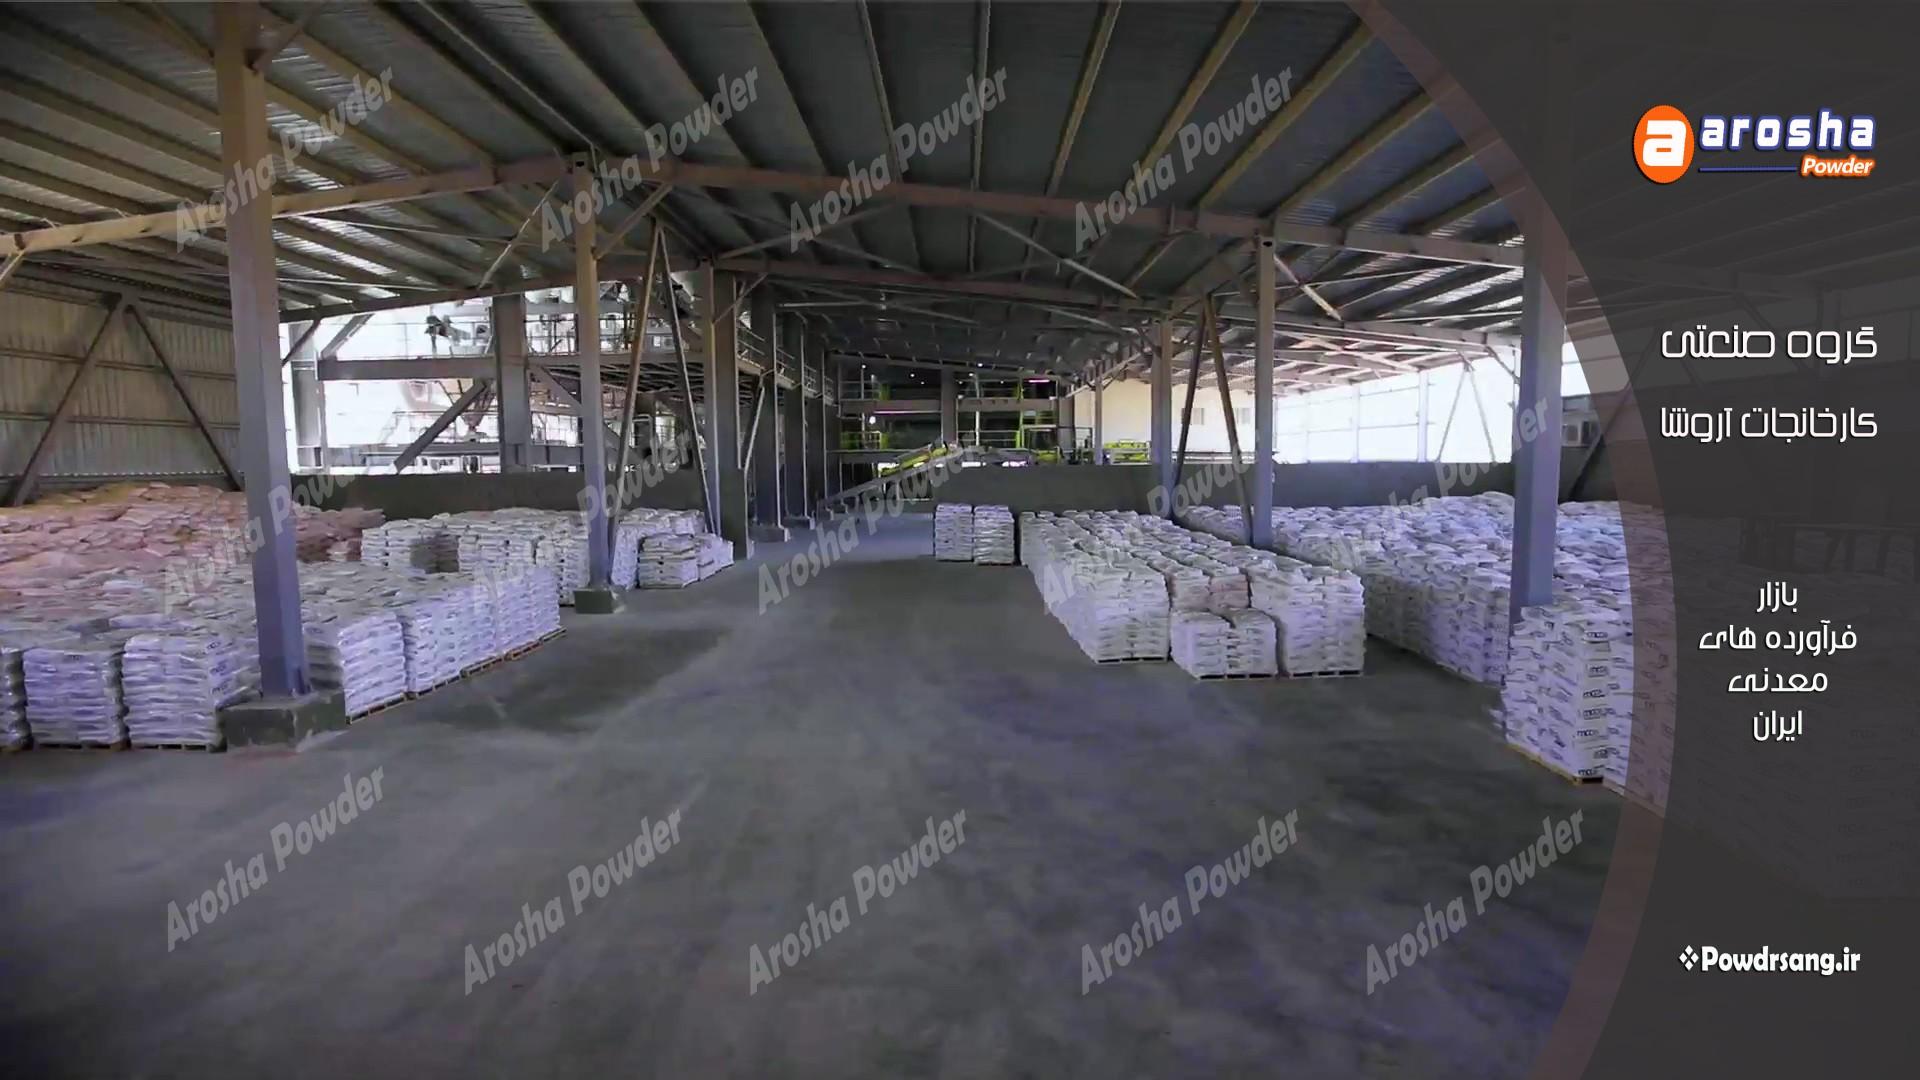 بزرگترین مرکز خرید و فروش پودر کربنات کلسیم